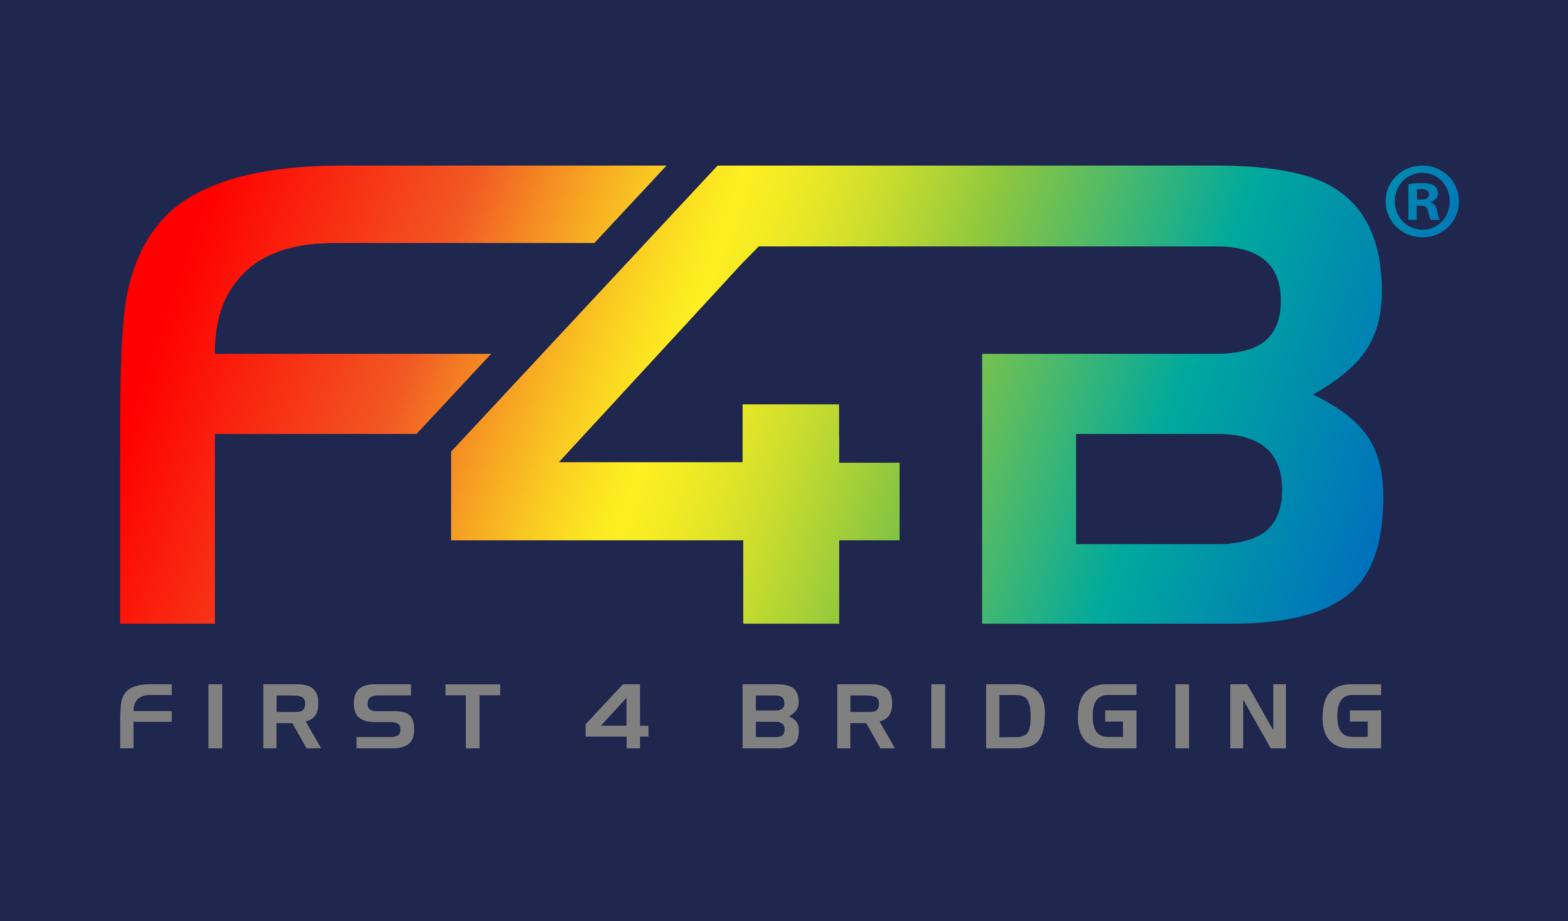 First 4 Bridging